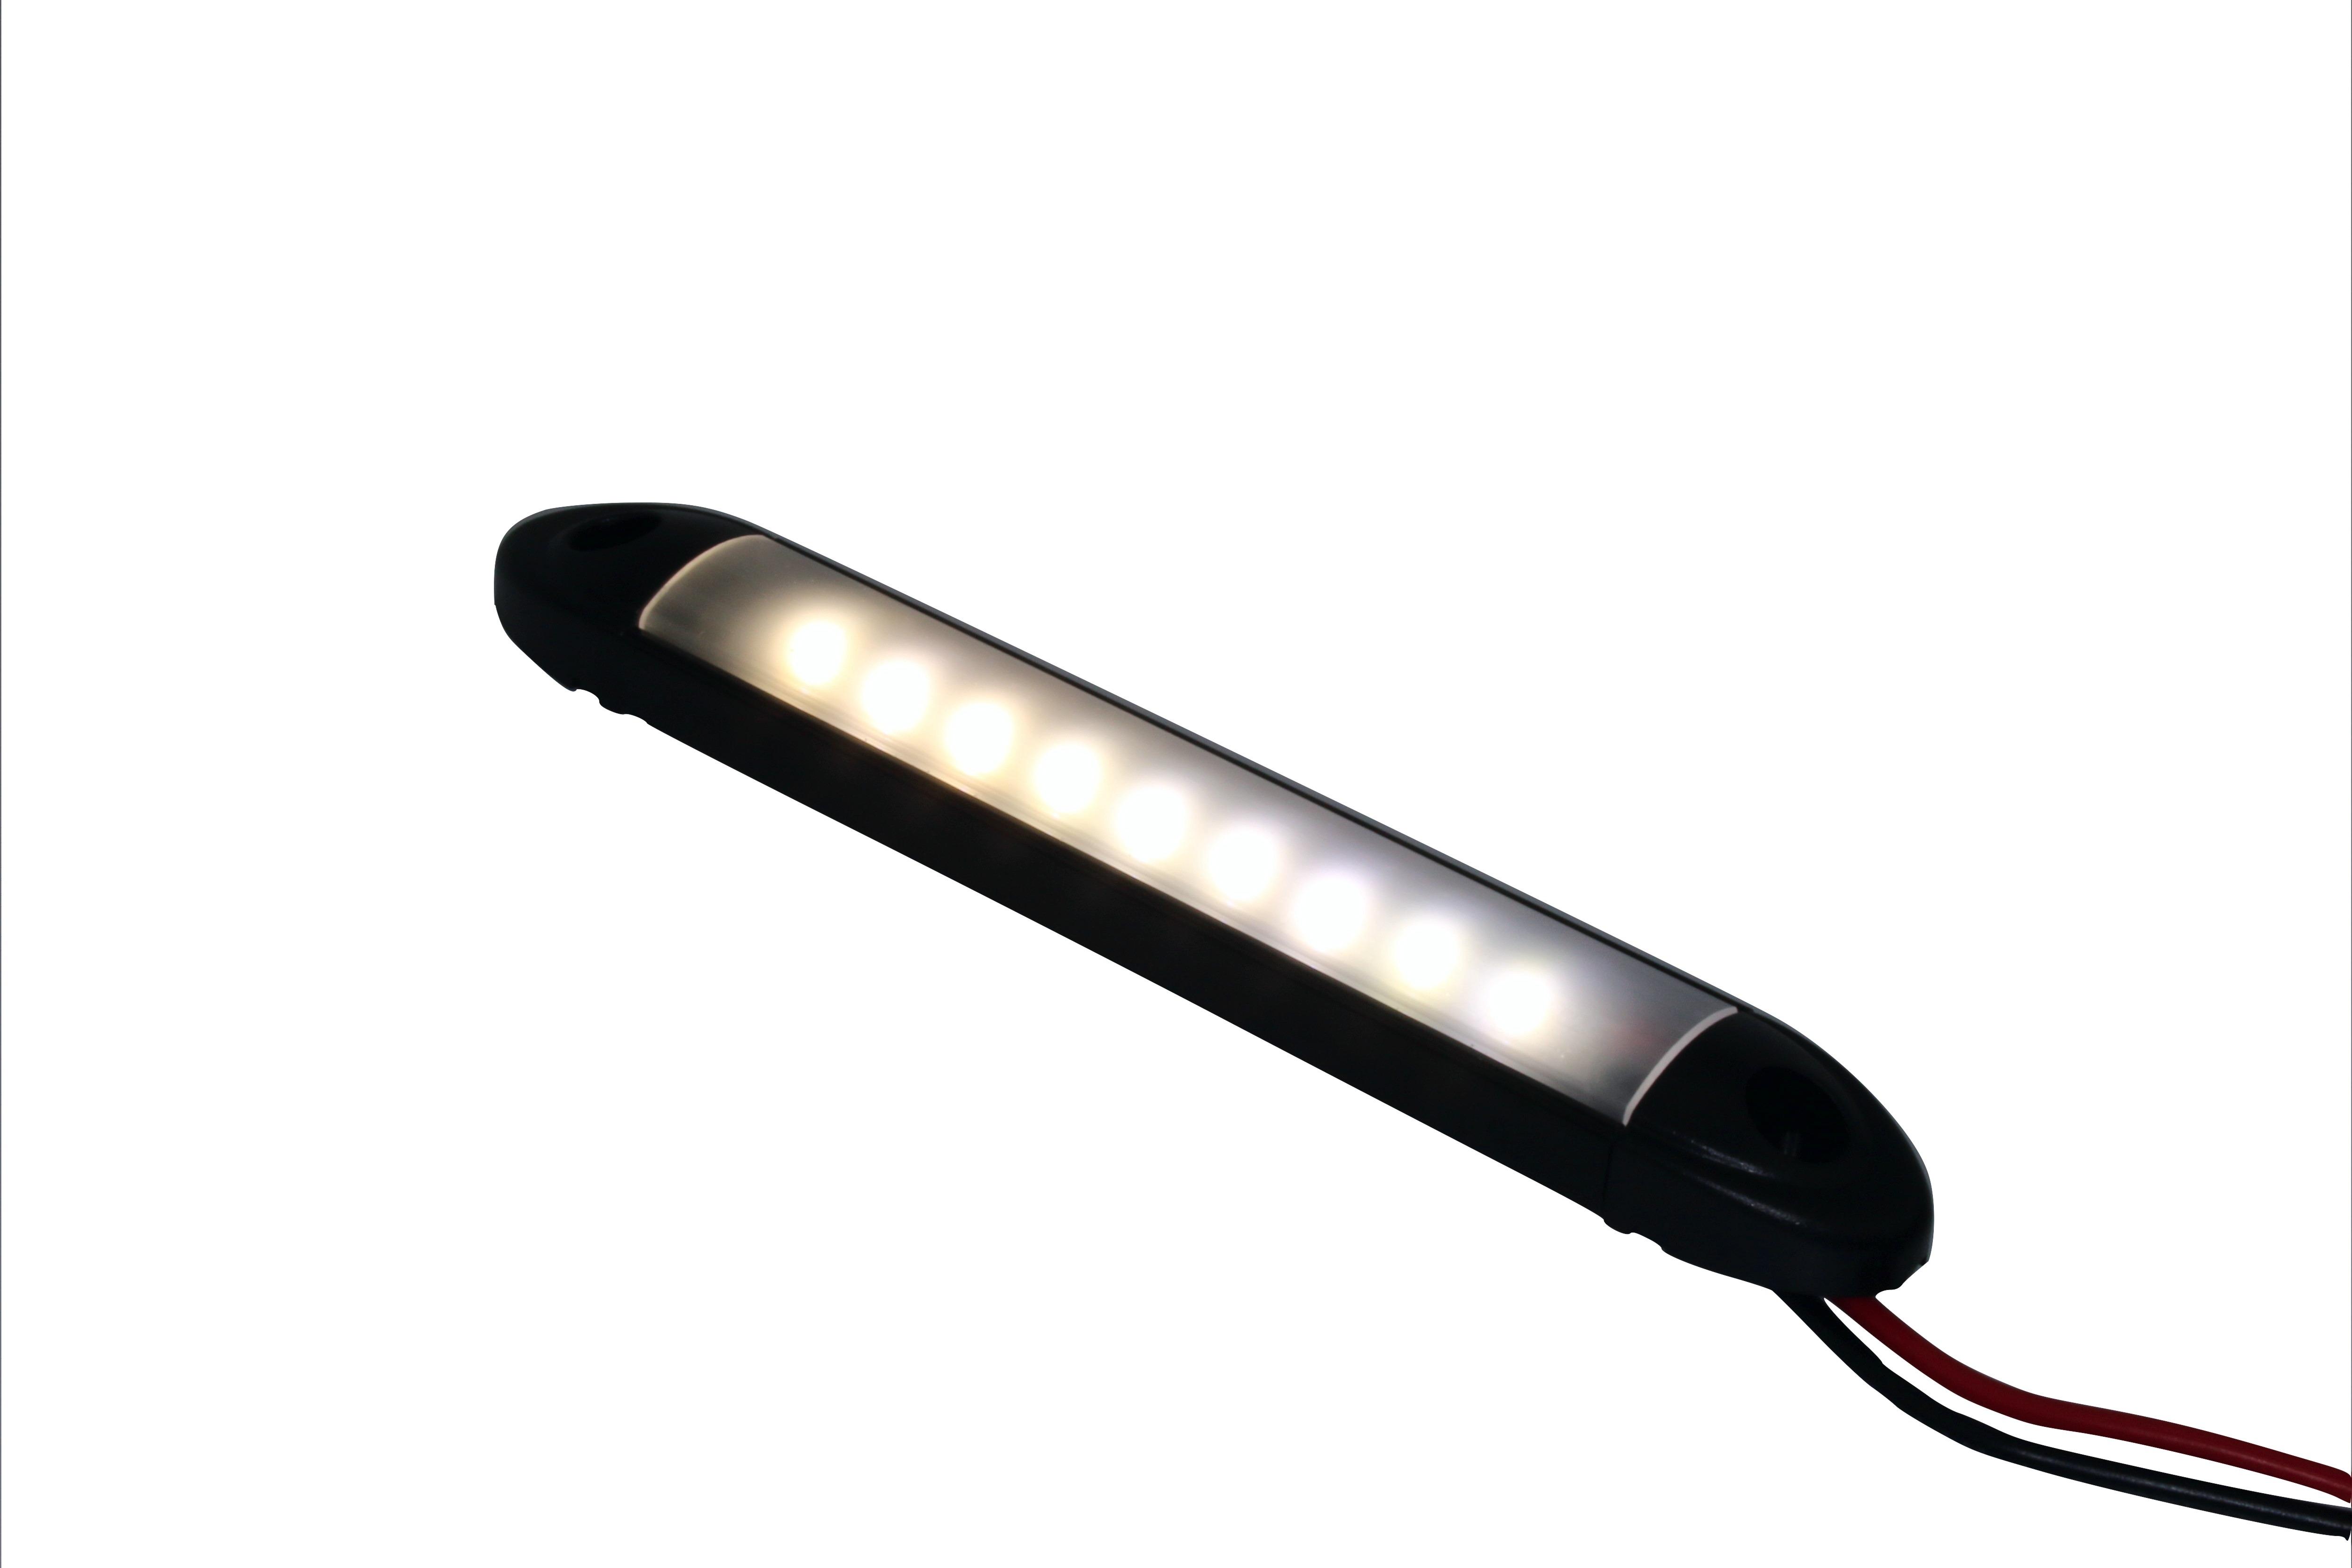 Linear led light bar super bright waterproof 6 12v or 24v linear led light bar super bright waterproof 6 12v or 24v natural white 4000k aloadofball Gallery